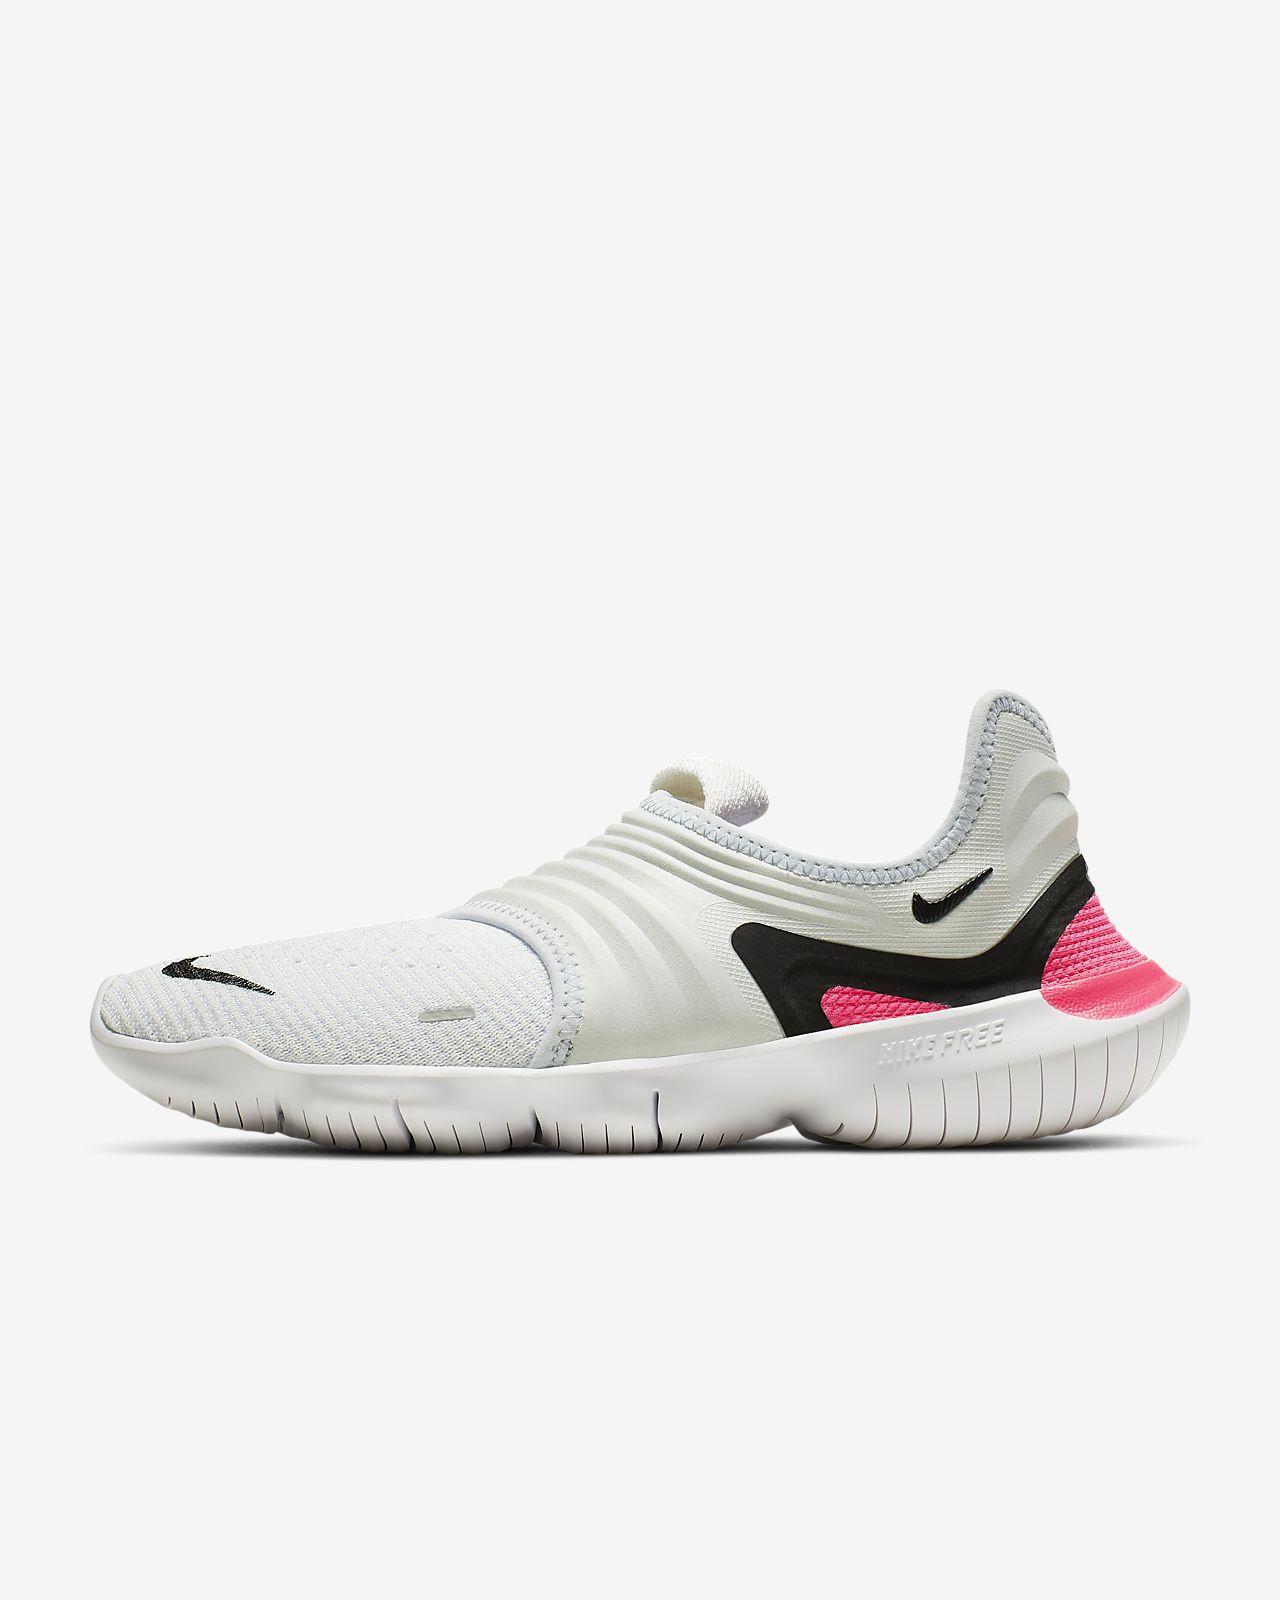 bd1679cab3b4 Nike Free RN Flyknit 3.0 Women s Running Shoe. Nike.com DK